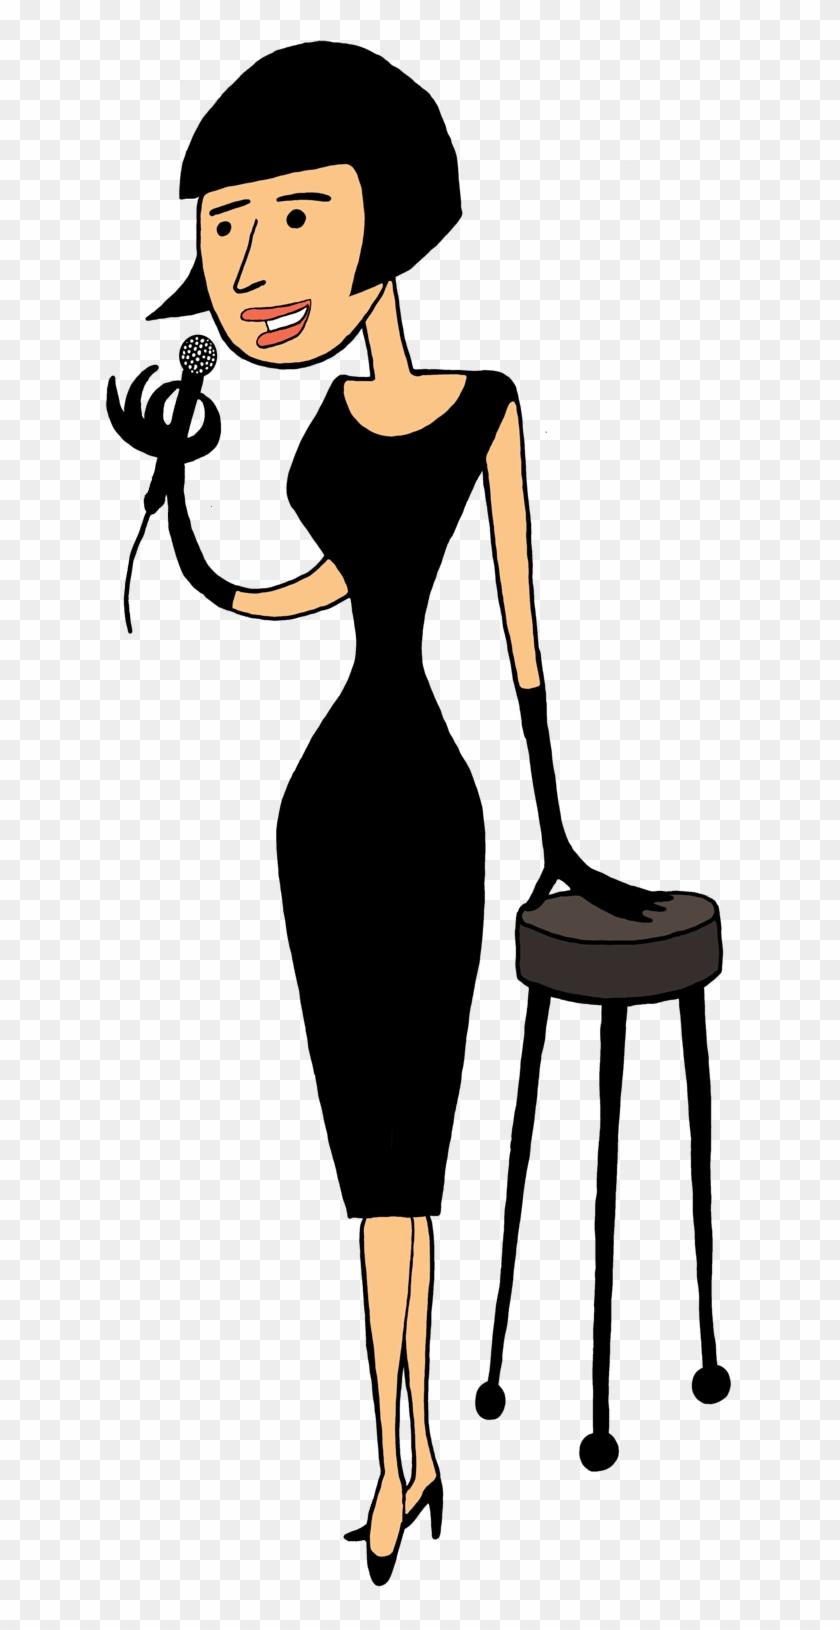 Singer Singer, Retro Woman - Singer Cartoon Png #34754